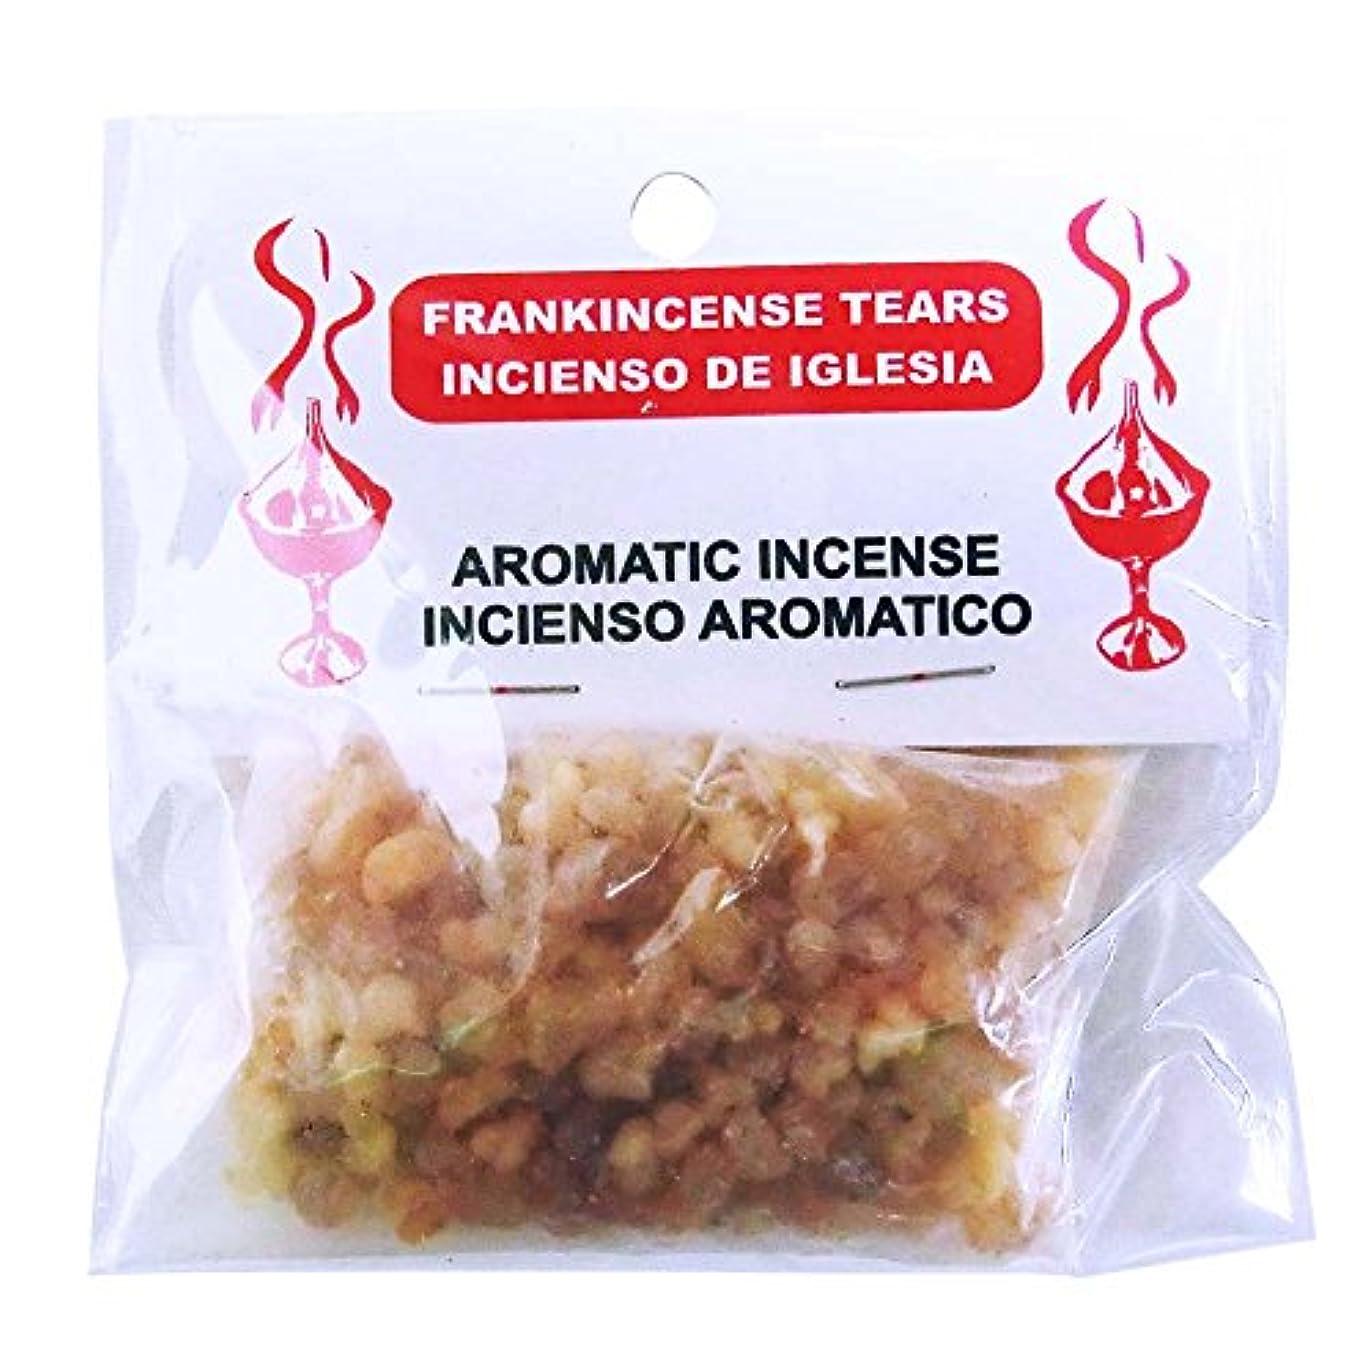 栄養請求スイッチ3KINGS Resin Incense(ヨルダンの聖別香) Frankincense Tears